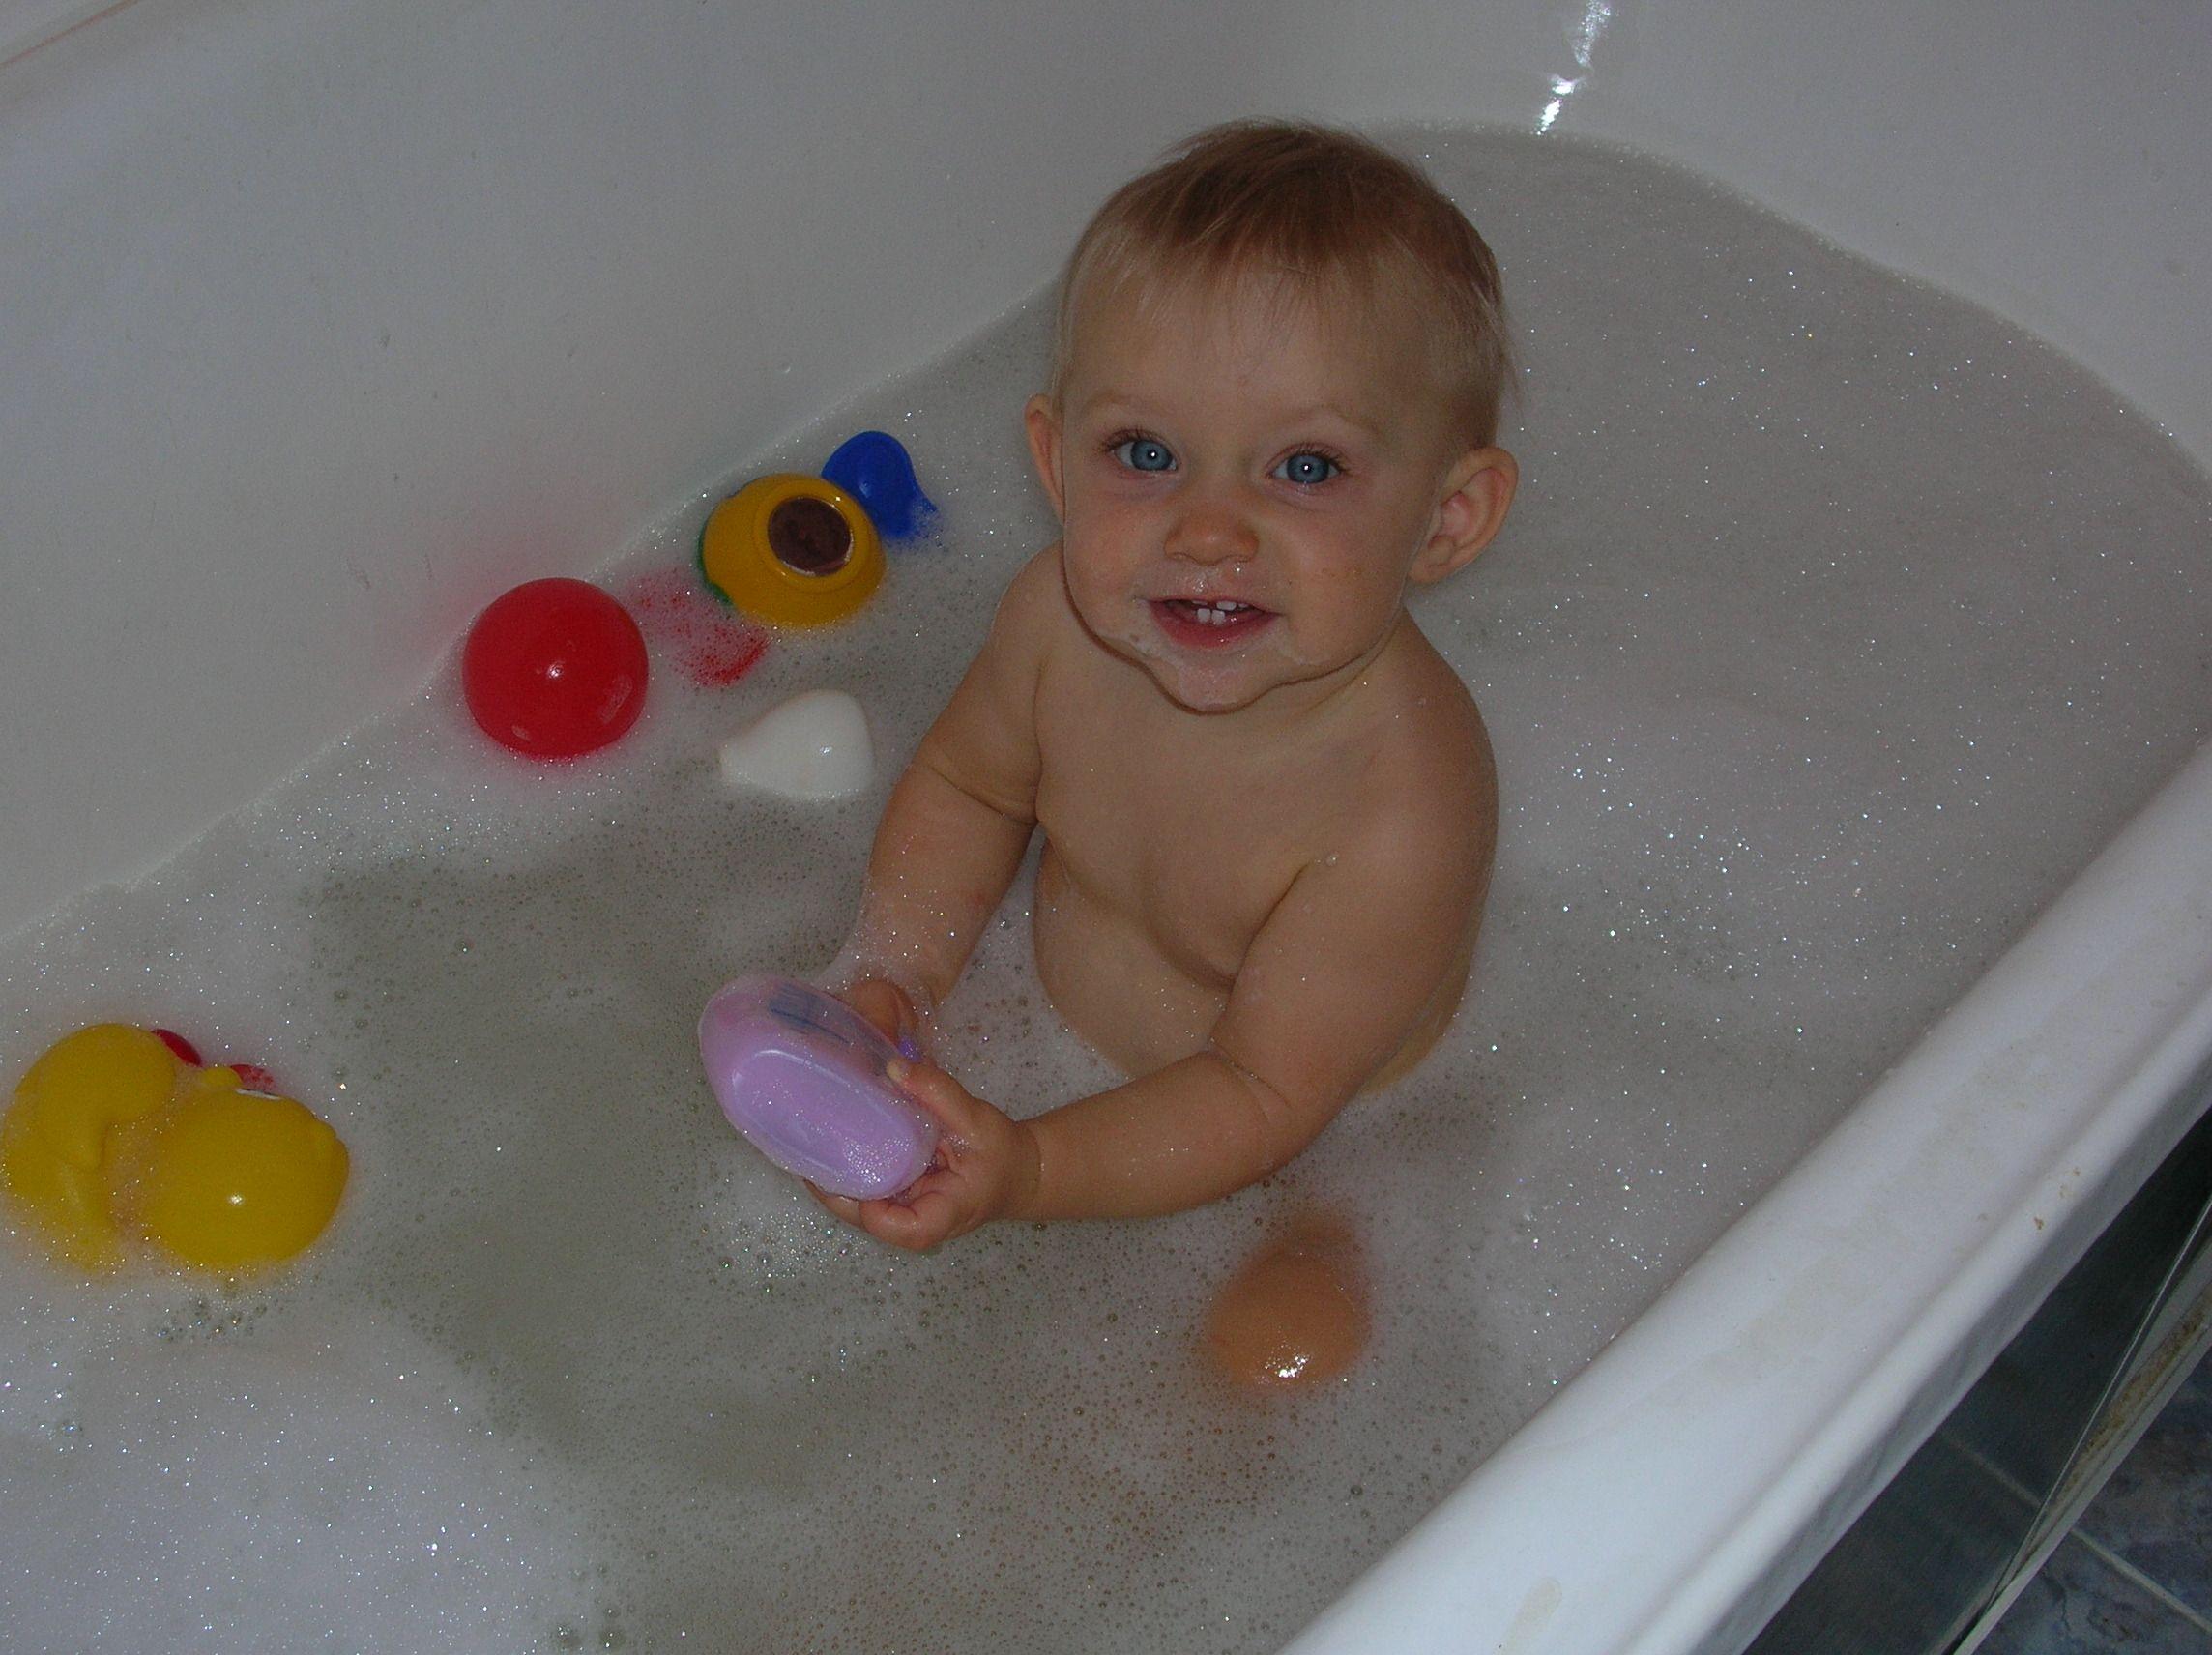 веселое купание в нежной пенке :))). Веселое купание в нежной пенке